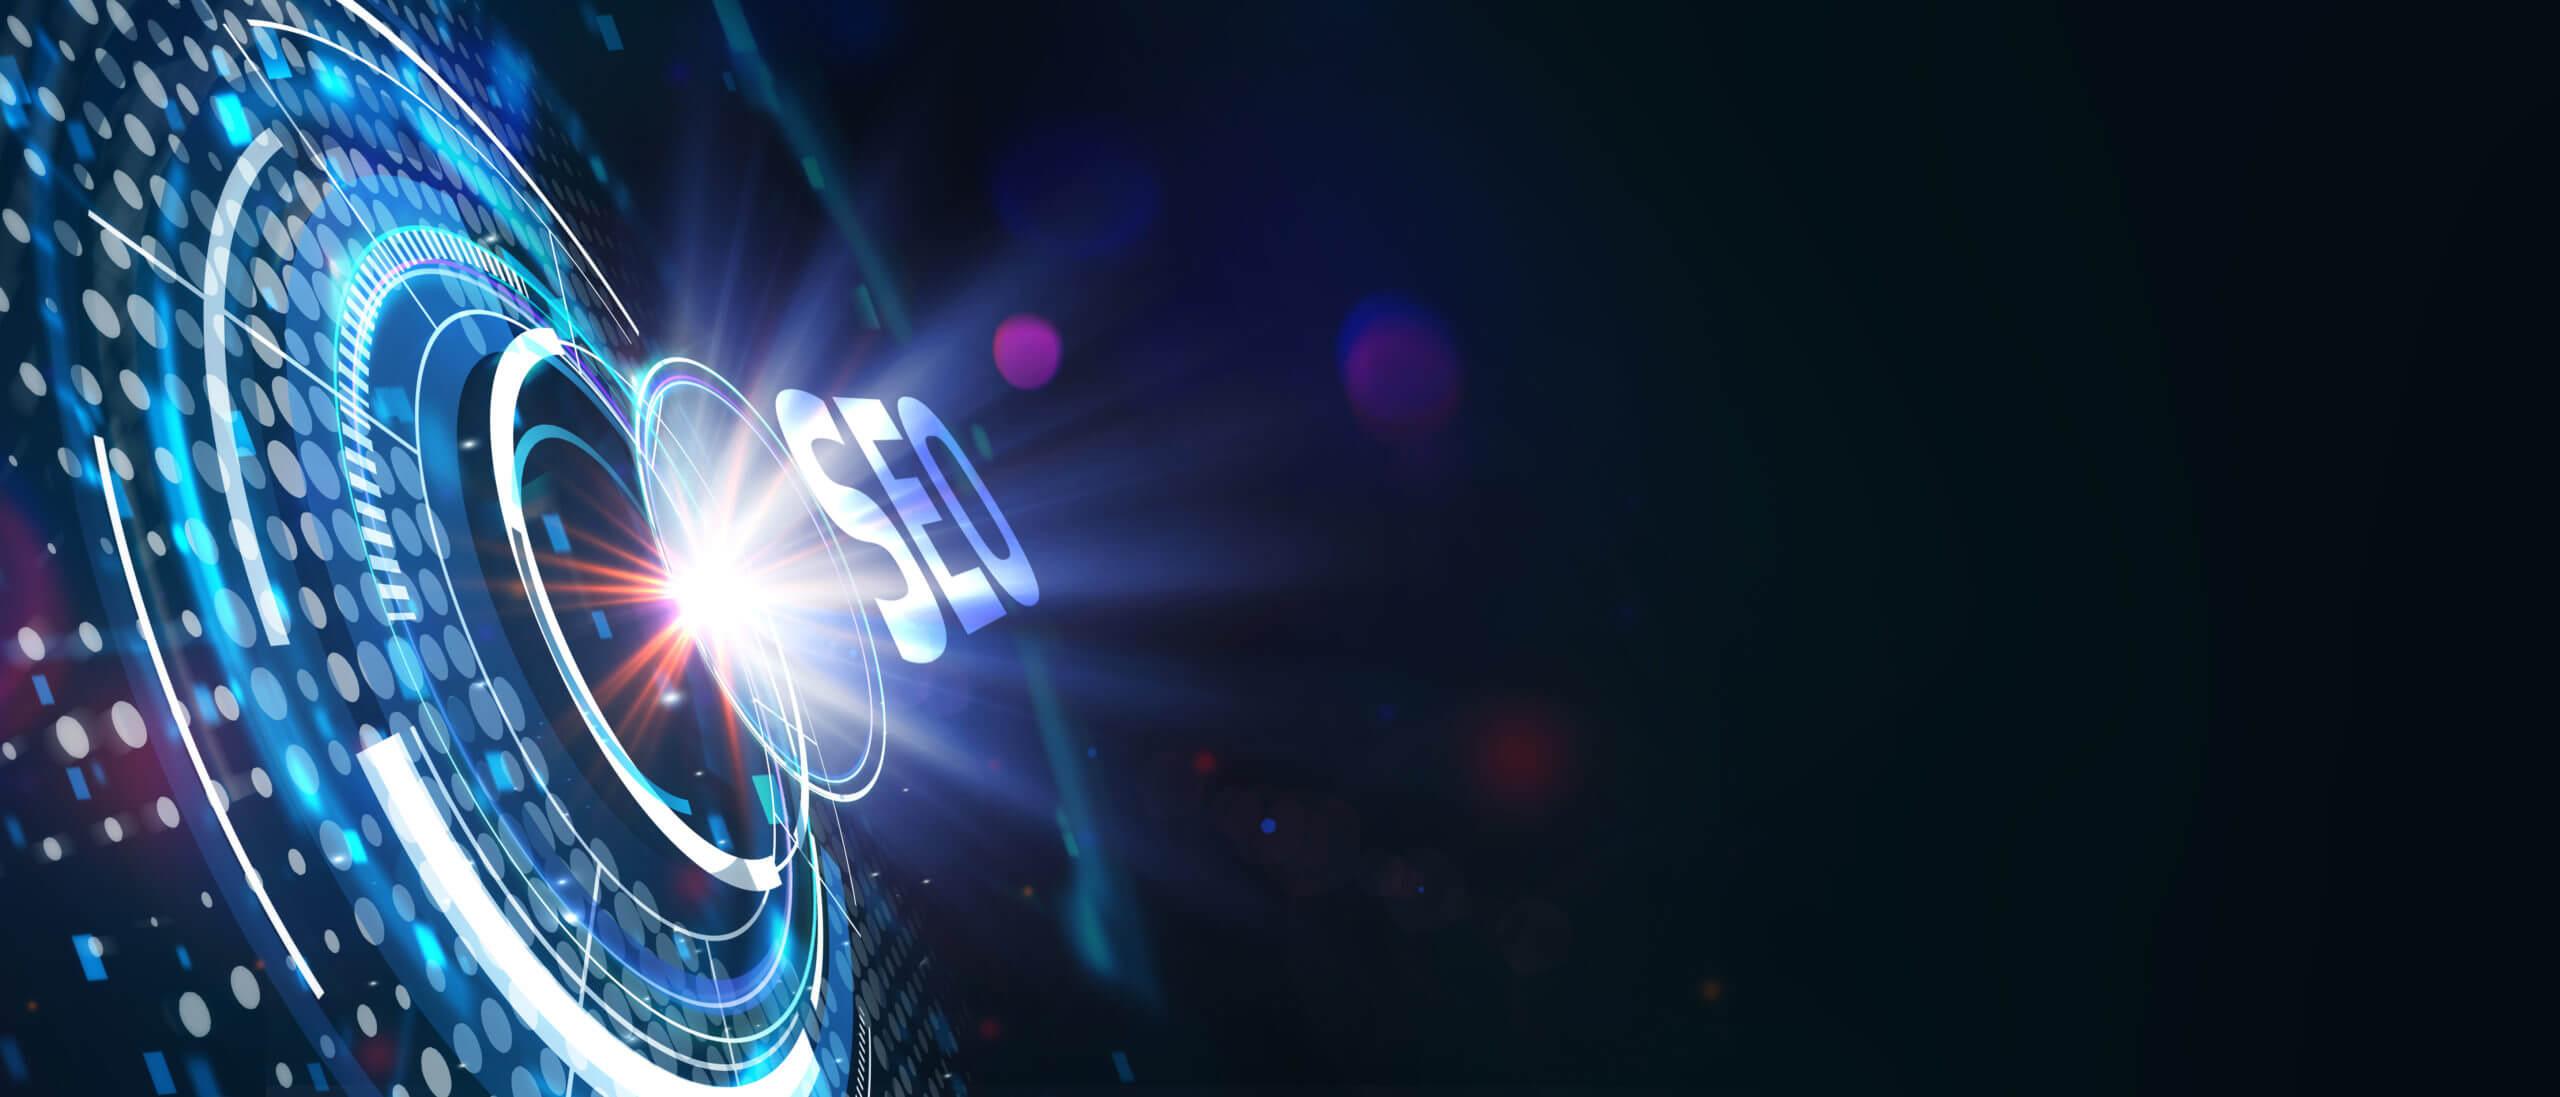 stock foto seo auf futuristischem Hintergrund